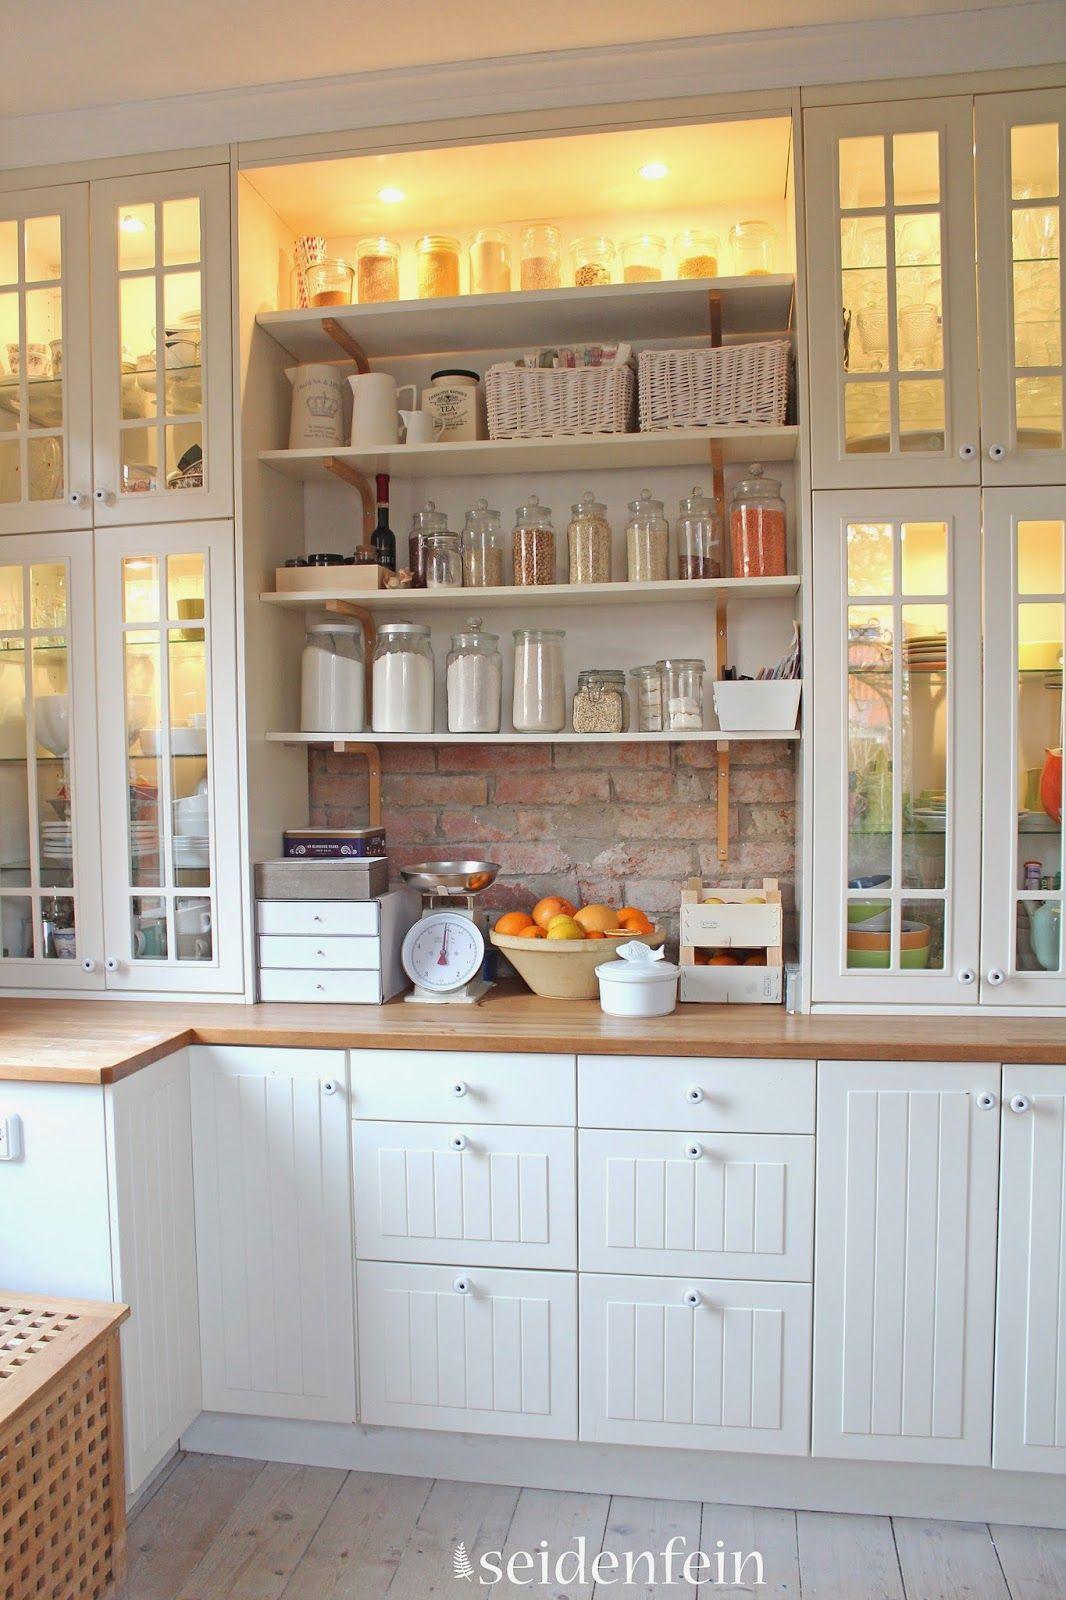 Kuchen Make Over Little Kitchen Make Over Mit Bildern Haus Kuchen Landhauskuche Moderne Kuche